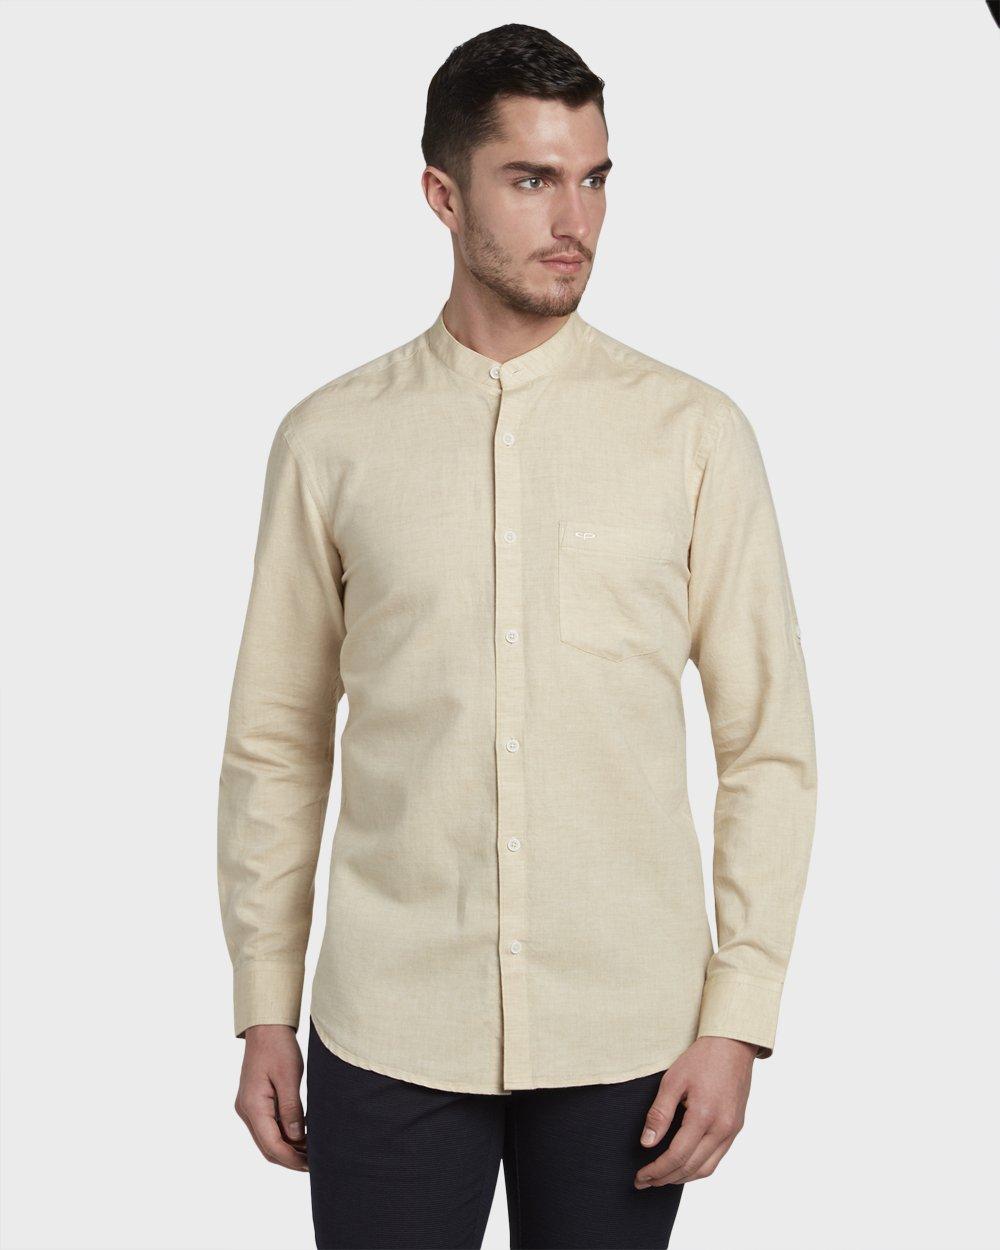 ColorPlus   Colorplus Medium Fawn Shirt